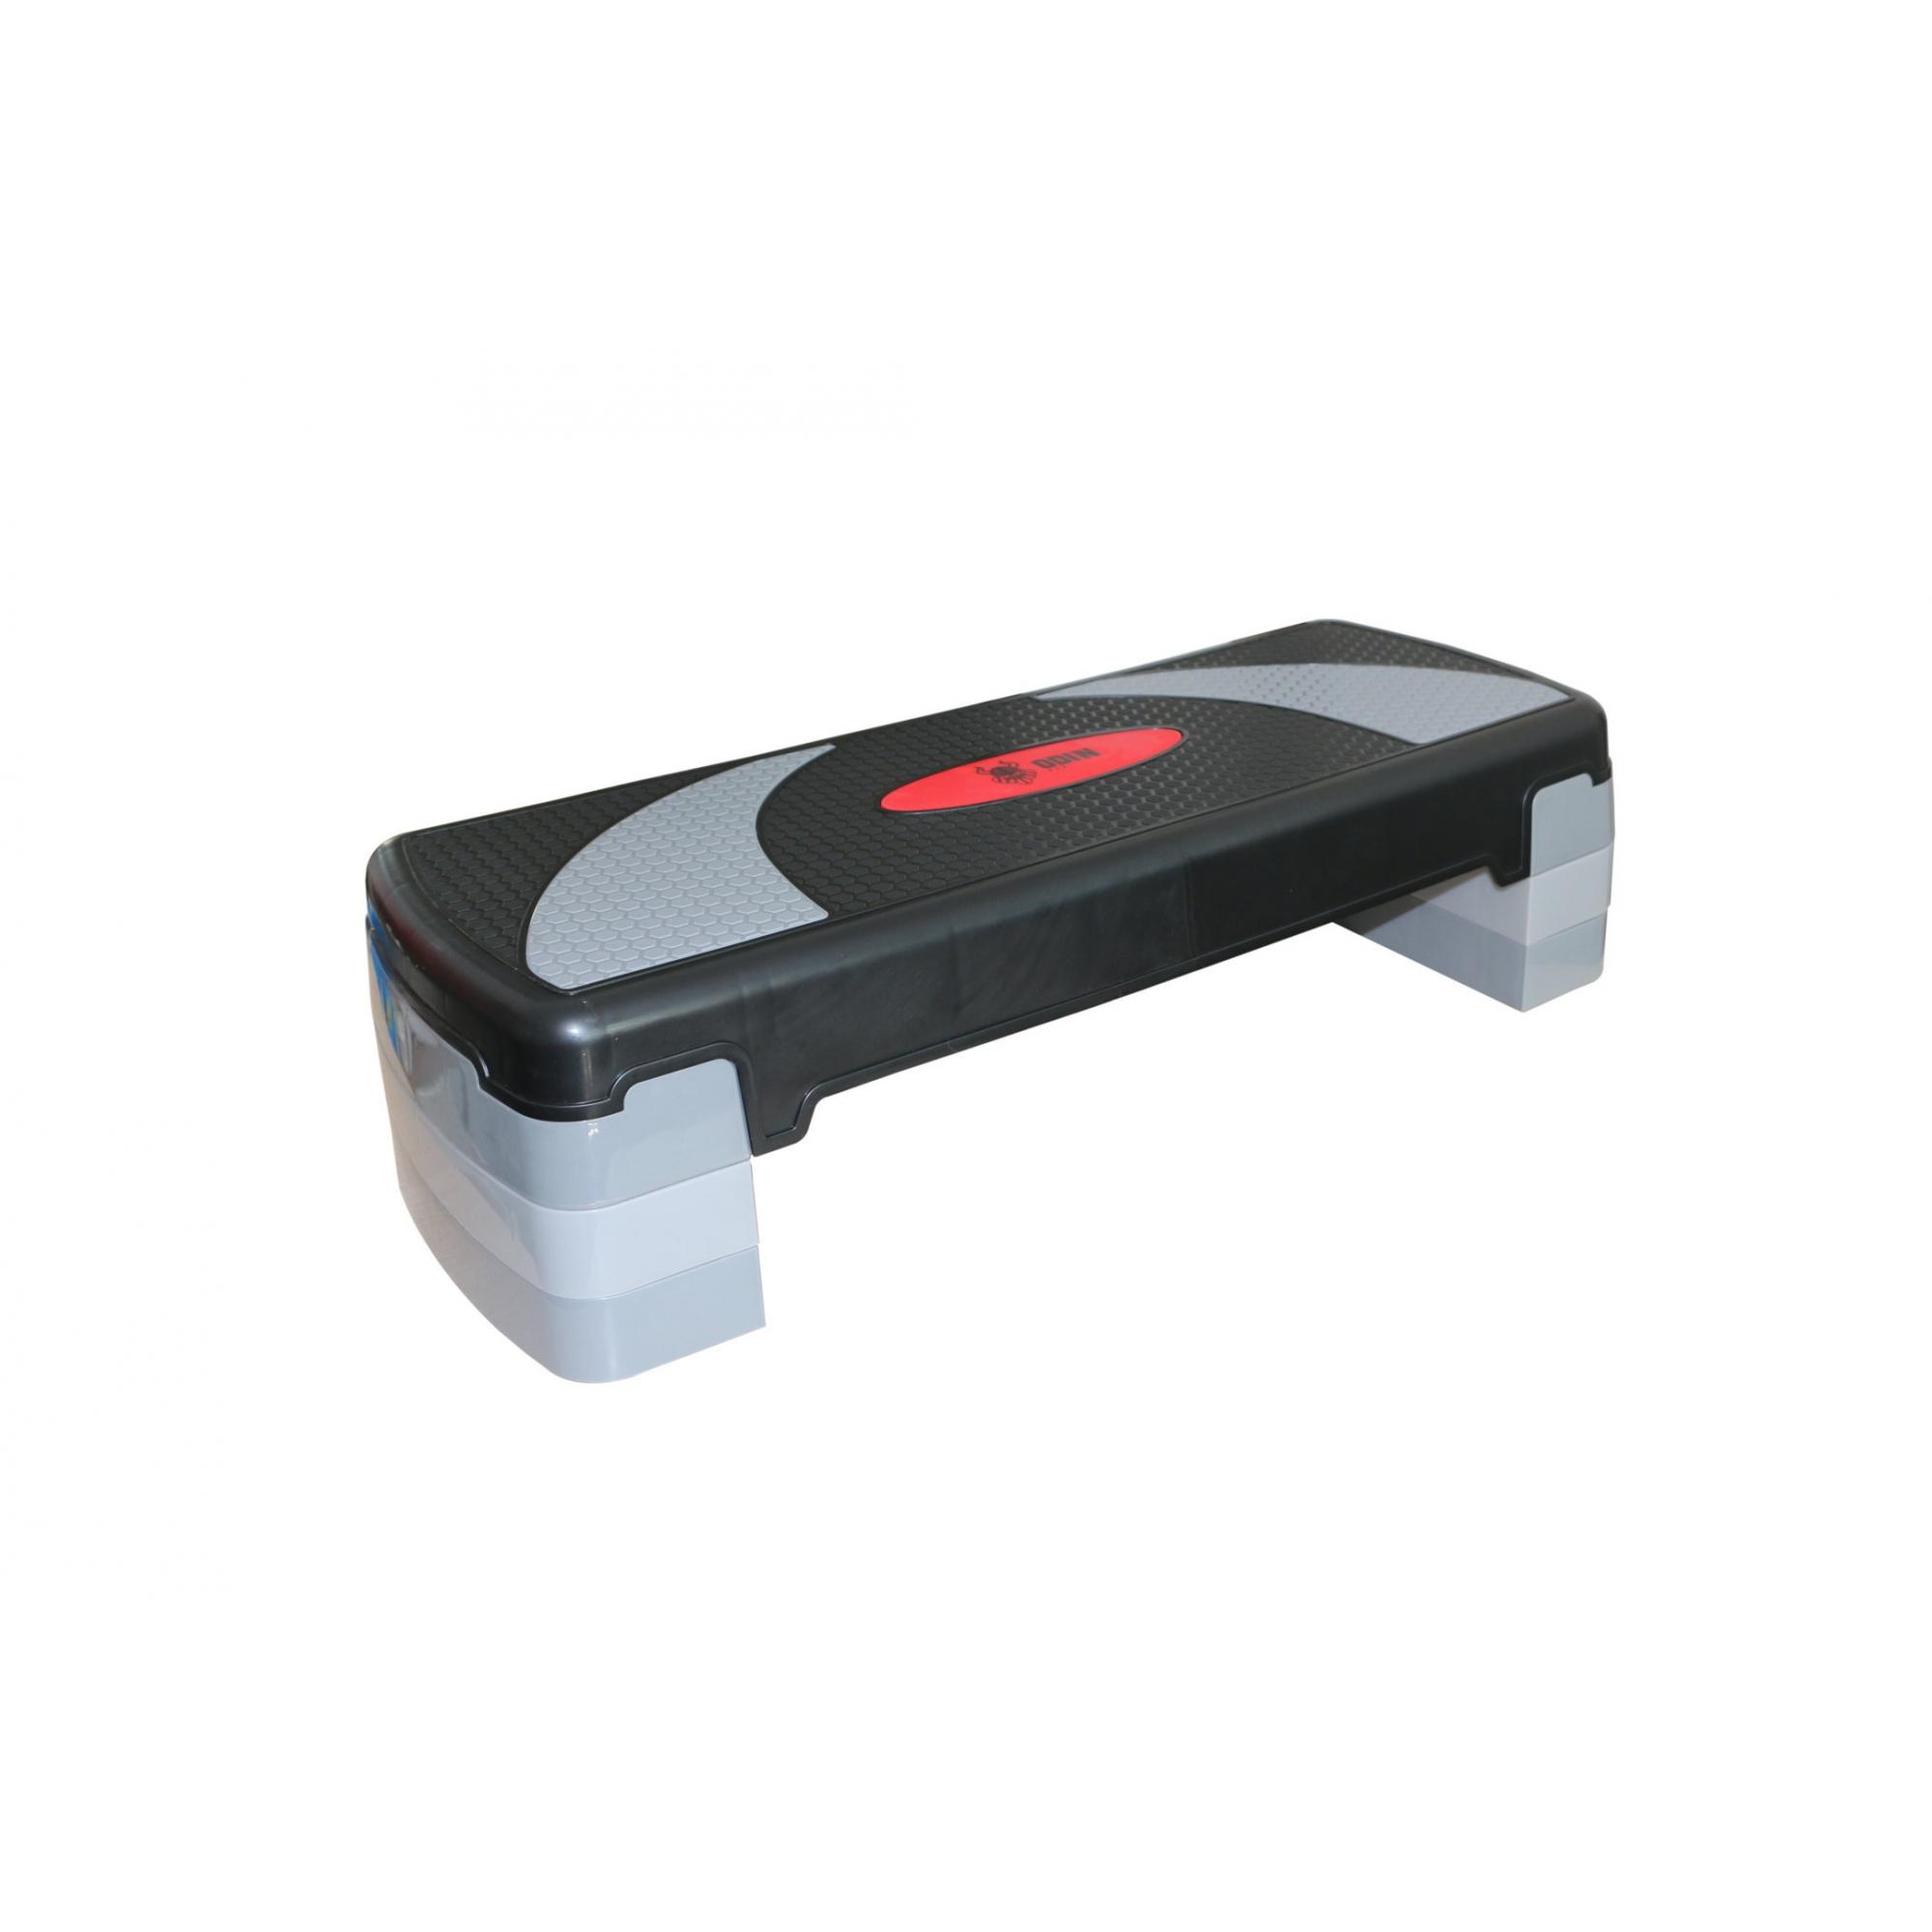 Step Antiderrapante Ajustável em 3 Níveis até 20cm Polipropileno - Odin Fit